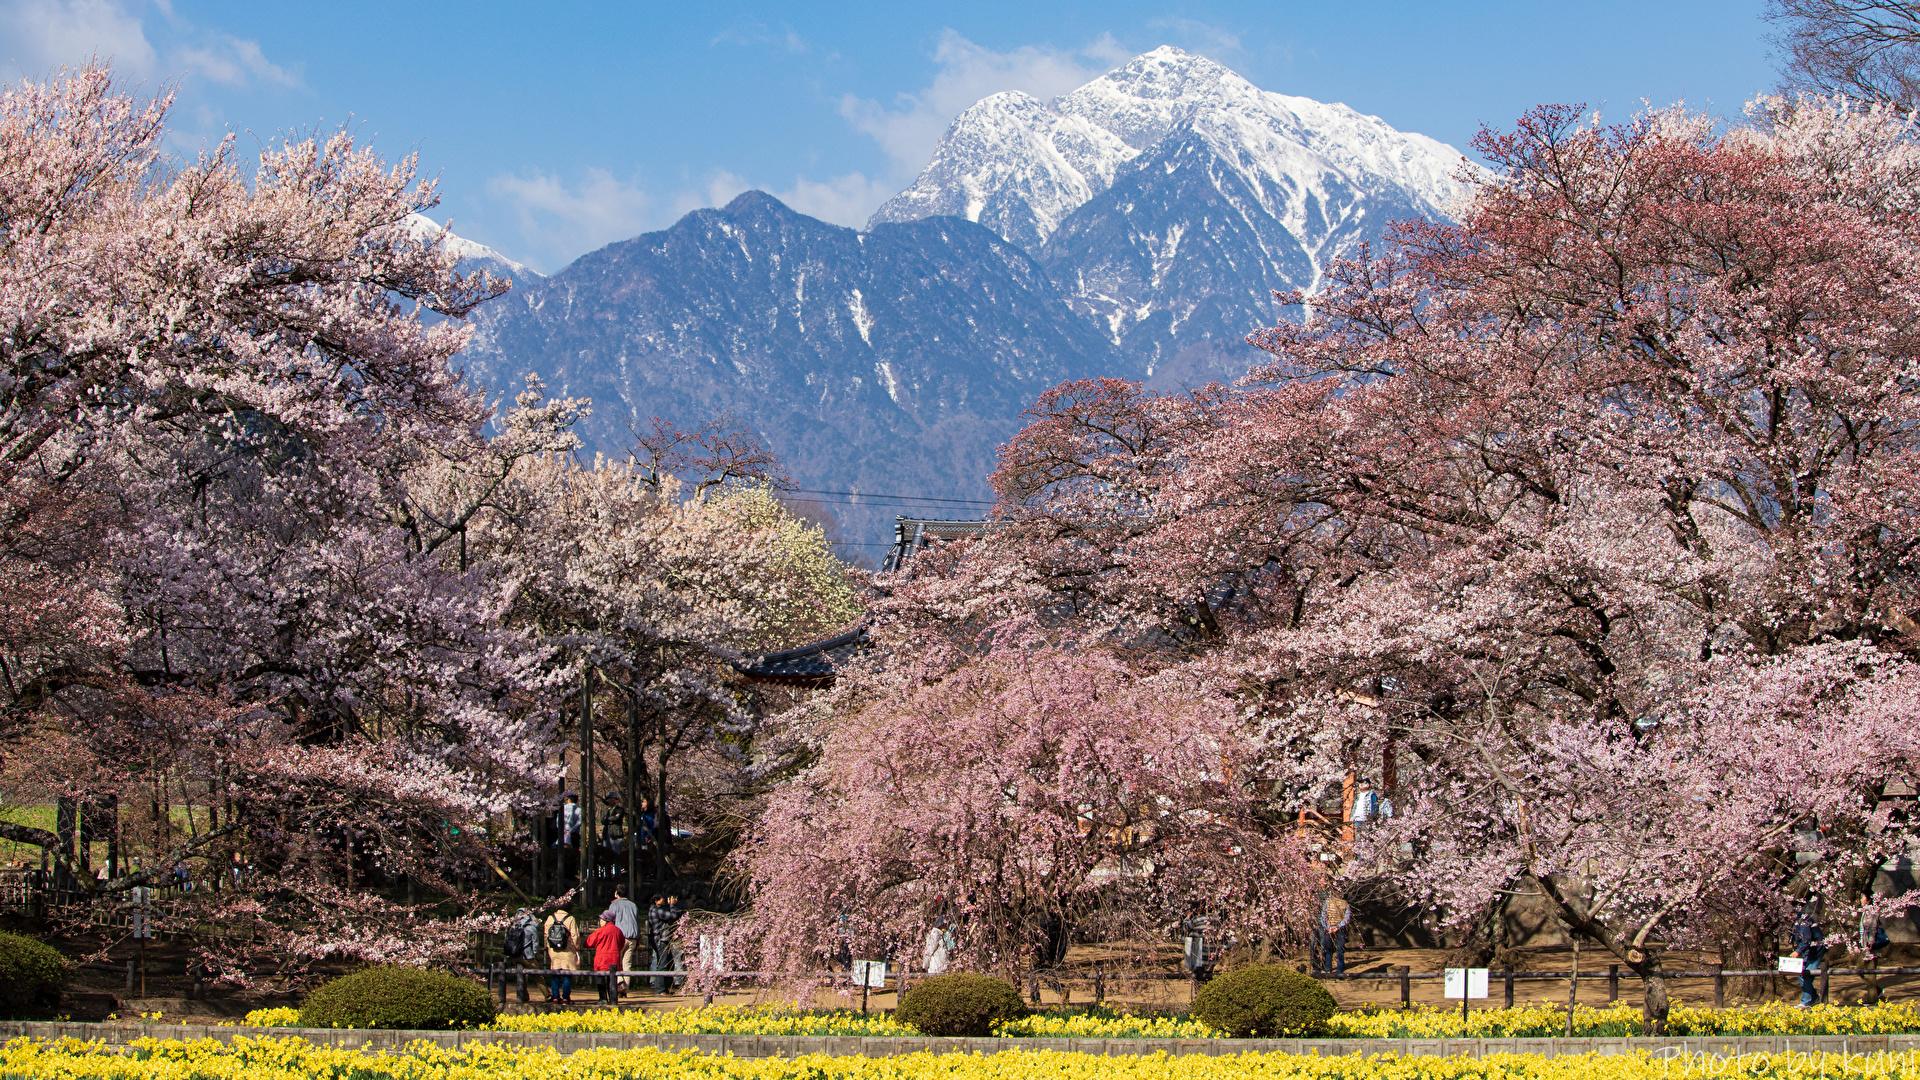 Фото Япония Hokuto Yamanashi Prefecture Горы Природа парк Цветущие деревья 1920x1080 гора Парки